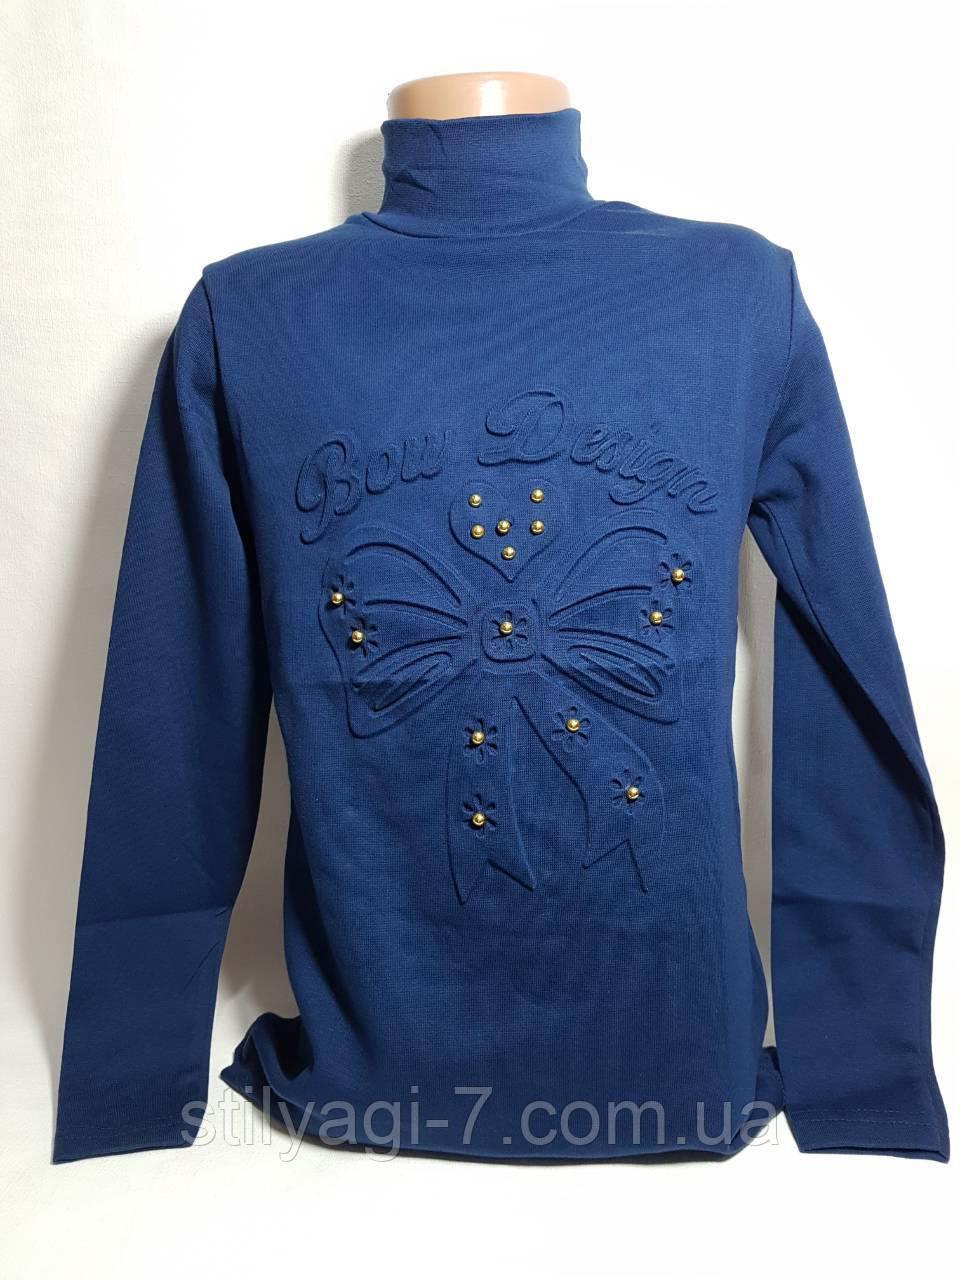 Гольф шкільний для дівчинки 11-15 років синього кольору бантик оптом